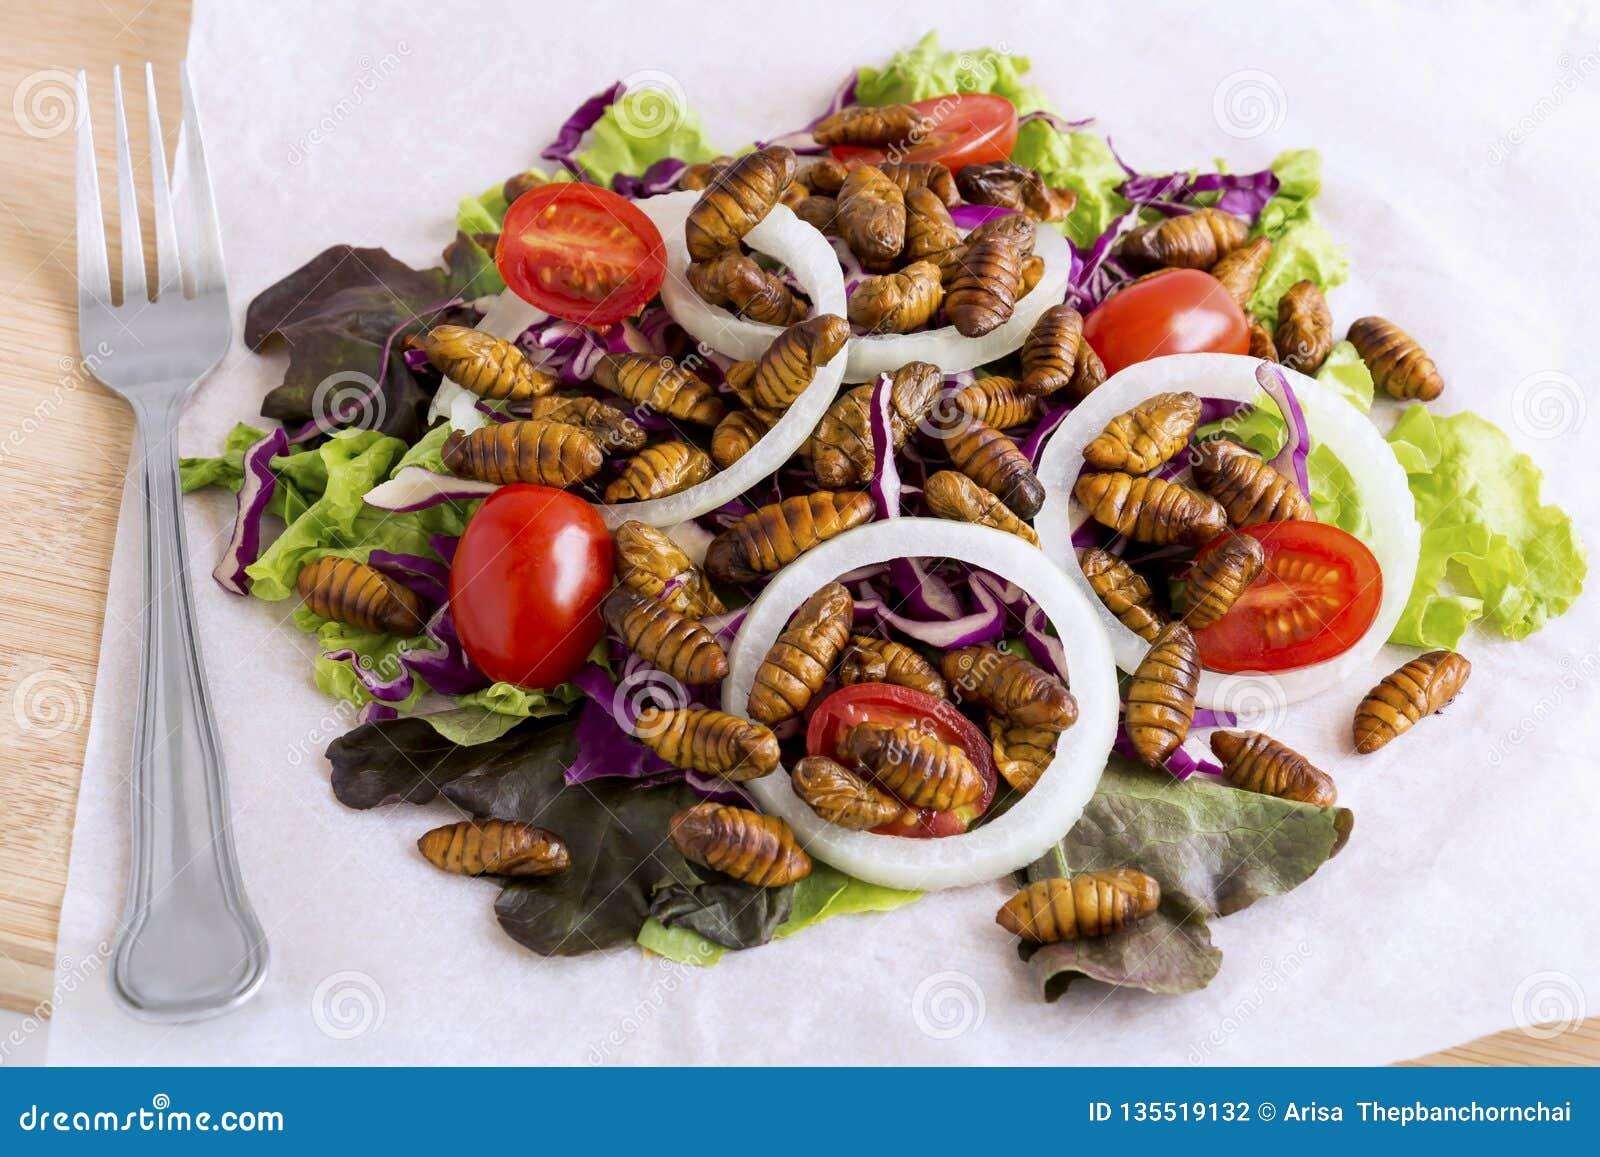 Insectes de nourriture : Insecte de ver ou ver à soie frit de Chrysalis pour manger comme produits alimentaires dans le légume de